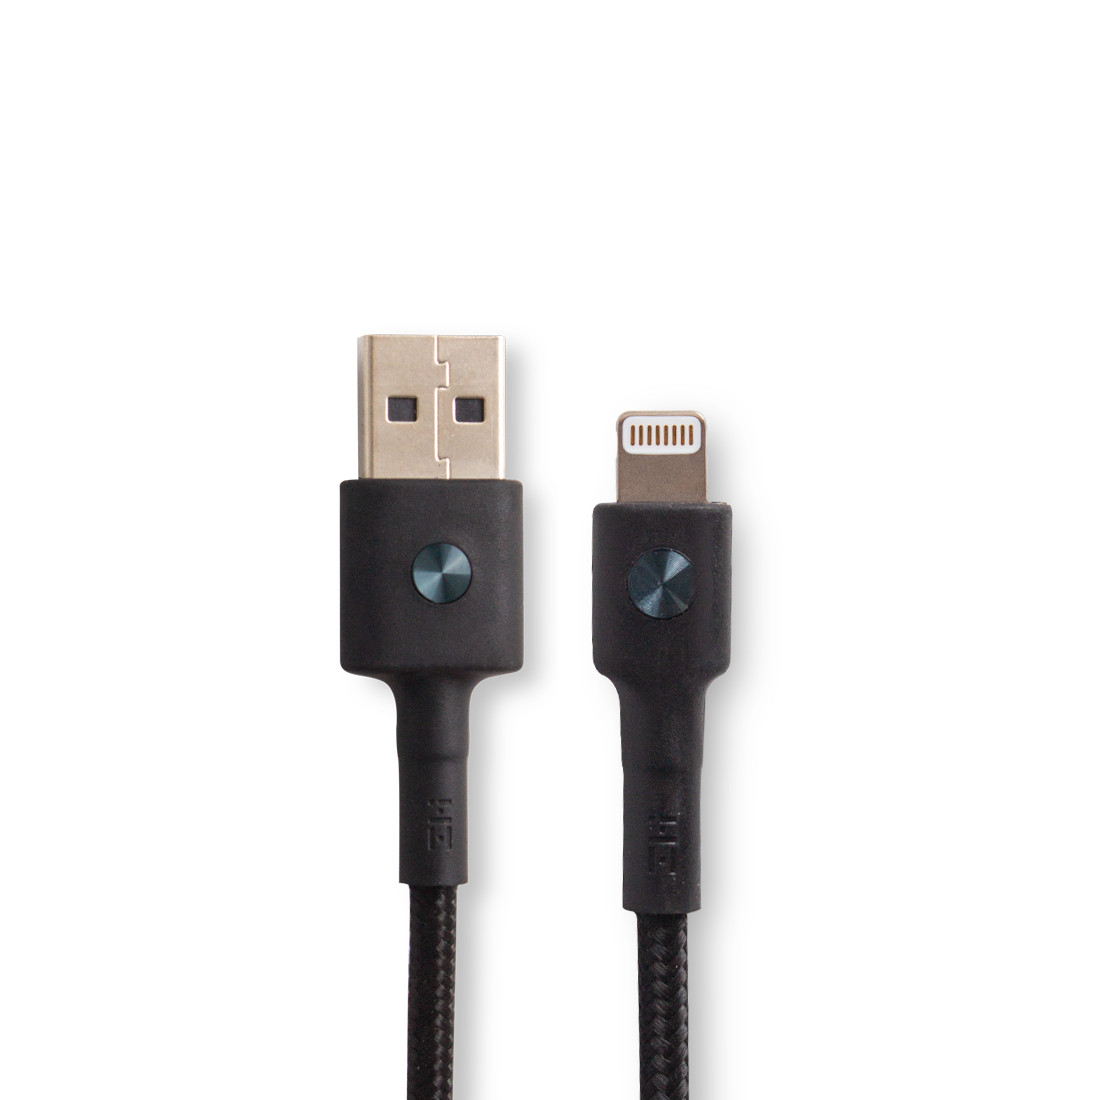 Xiaomi ZMI AL803/AL805 Интерфейсный Кабель USB/Lightning MFi 100 см Черный